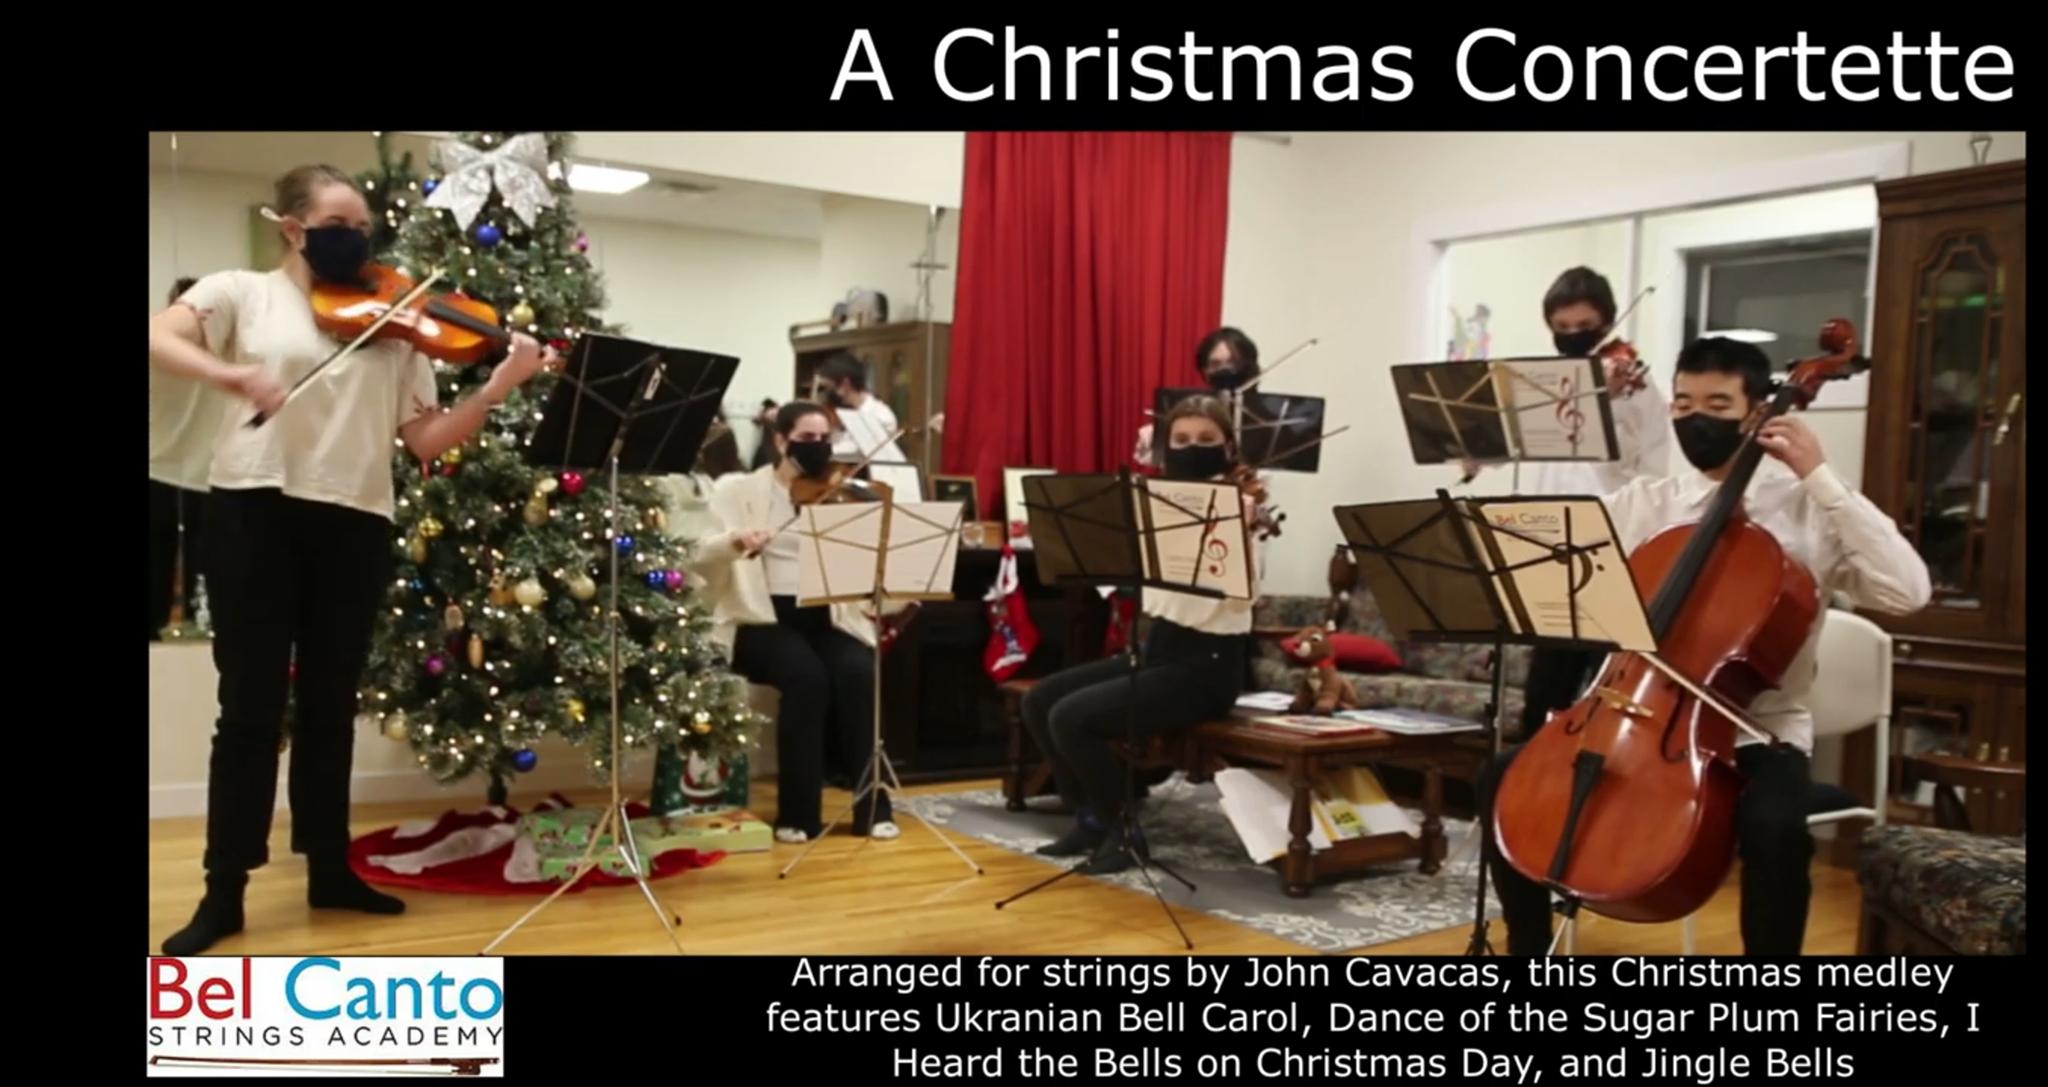 Christmas Concertette